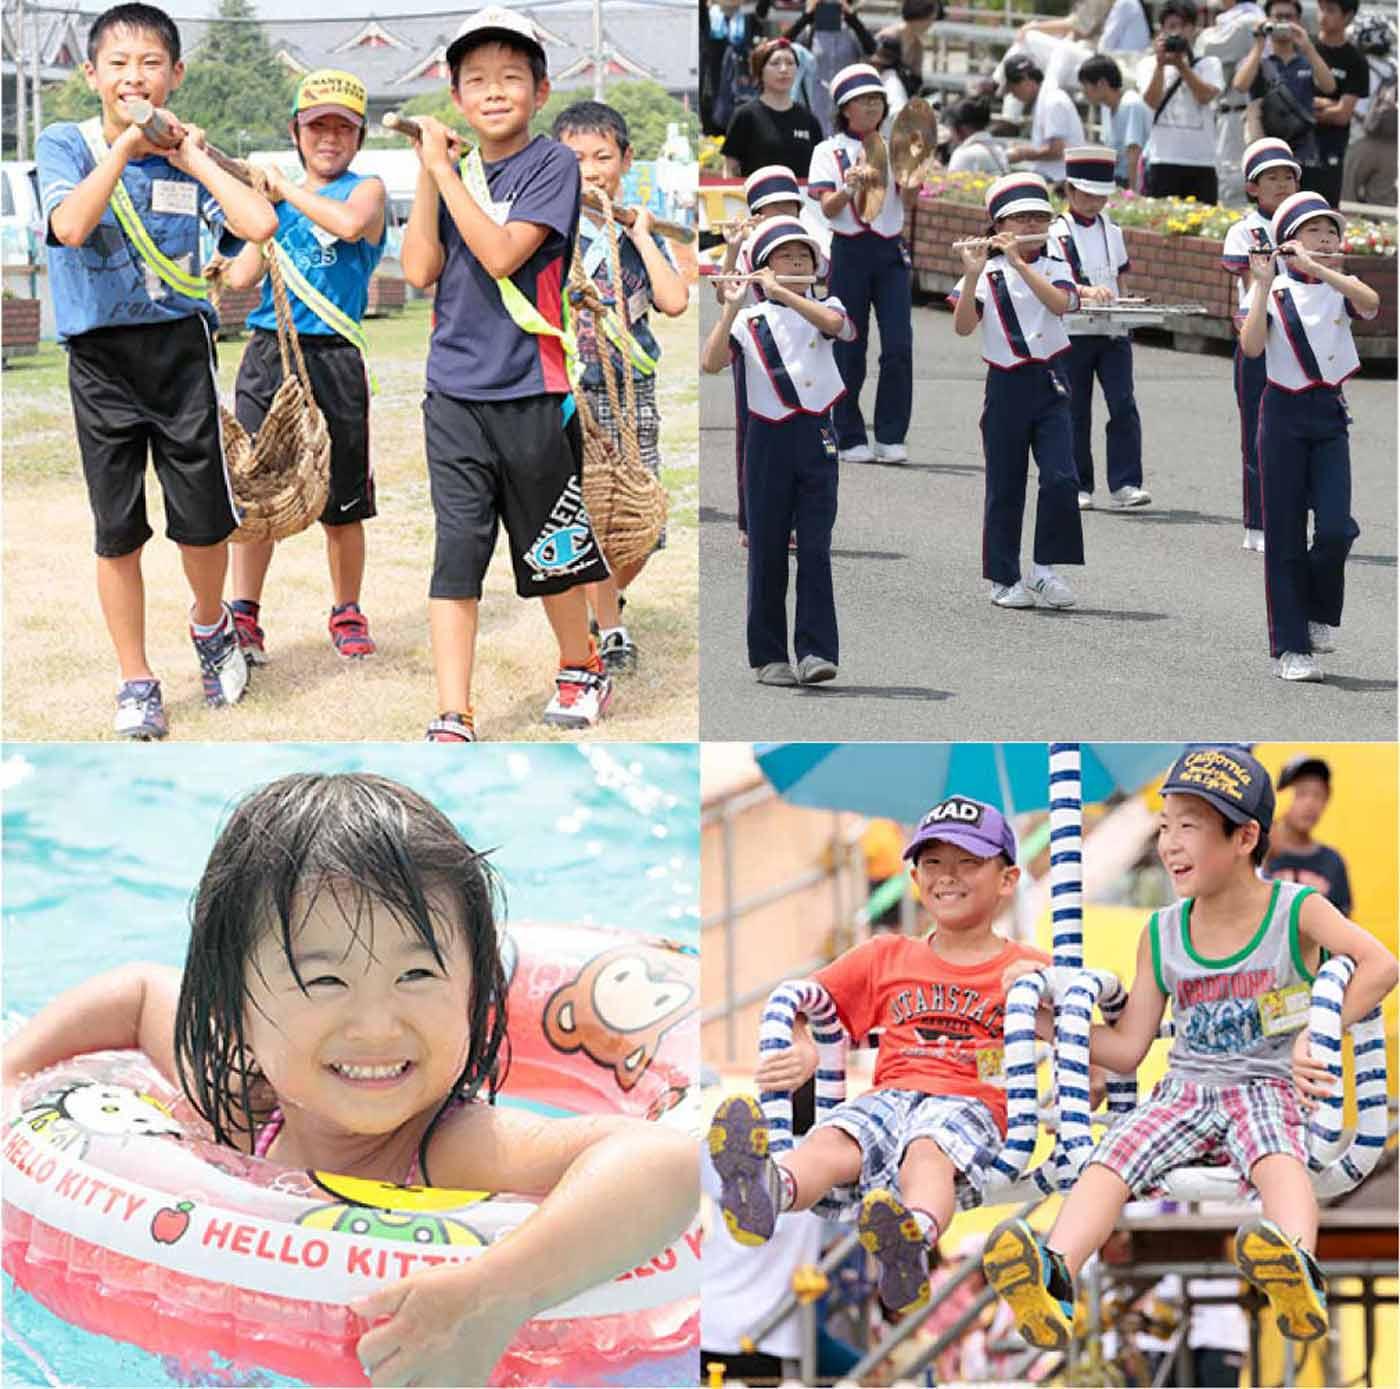 土持ちひのきしんとおやさとパレードの様子とプールで遊ぶ子供の様子とお楽しみ行事の様子